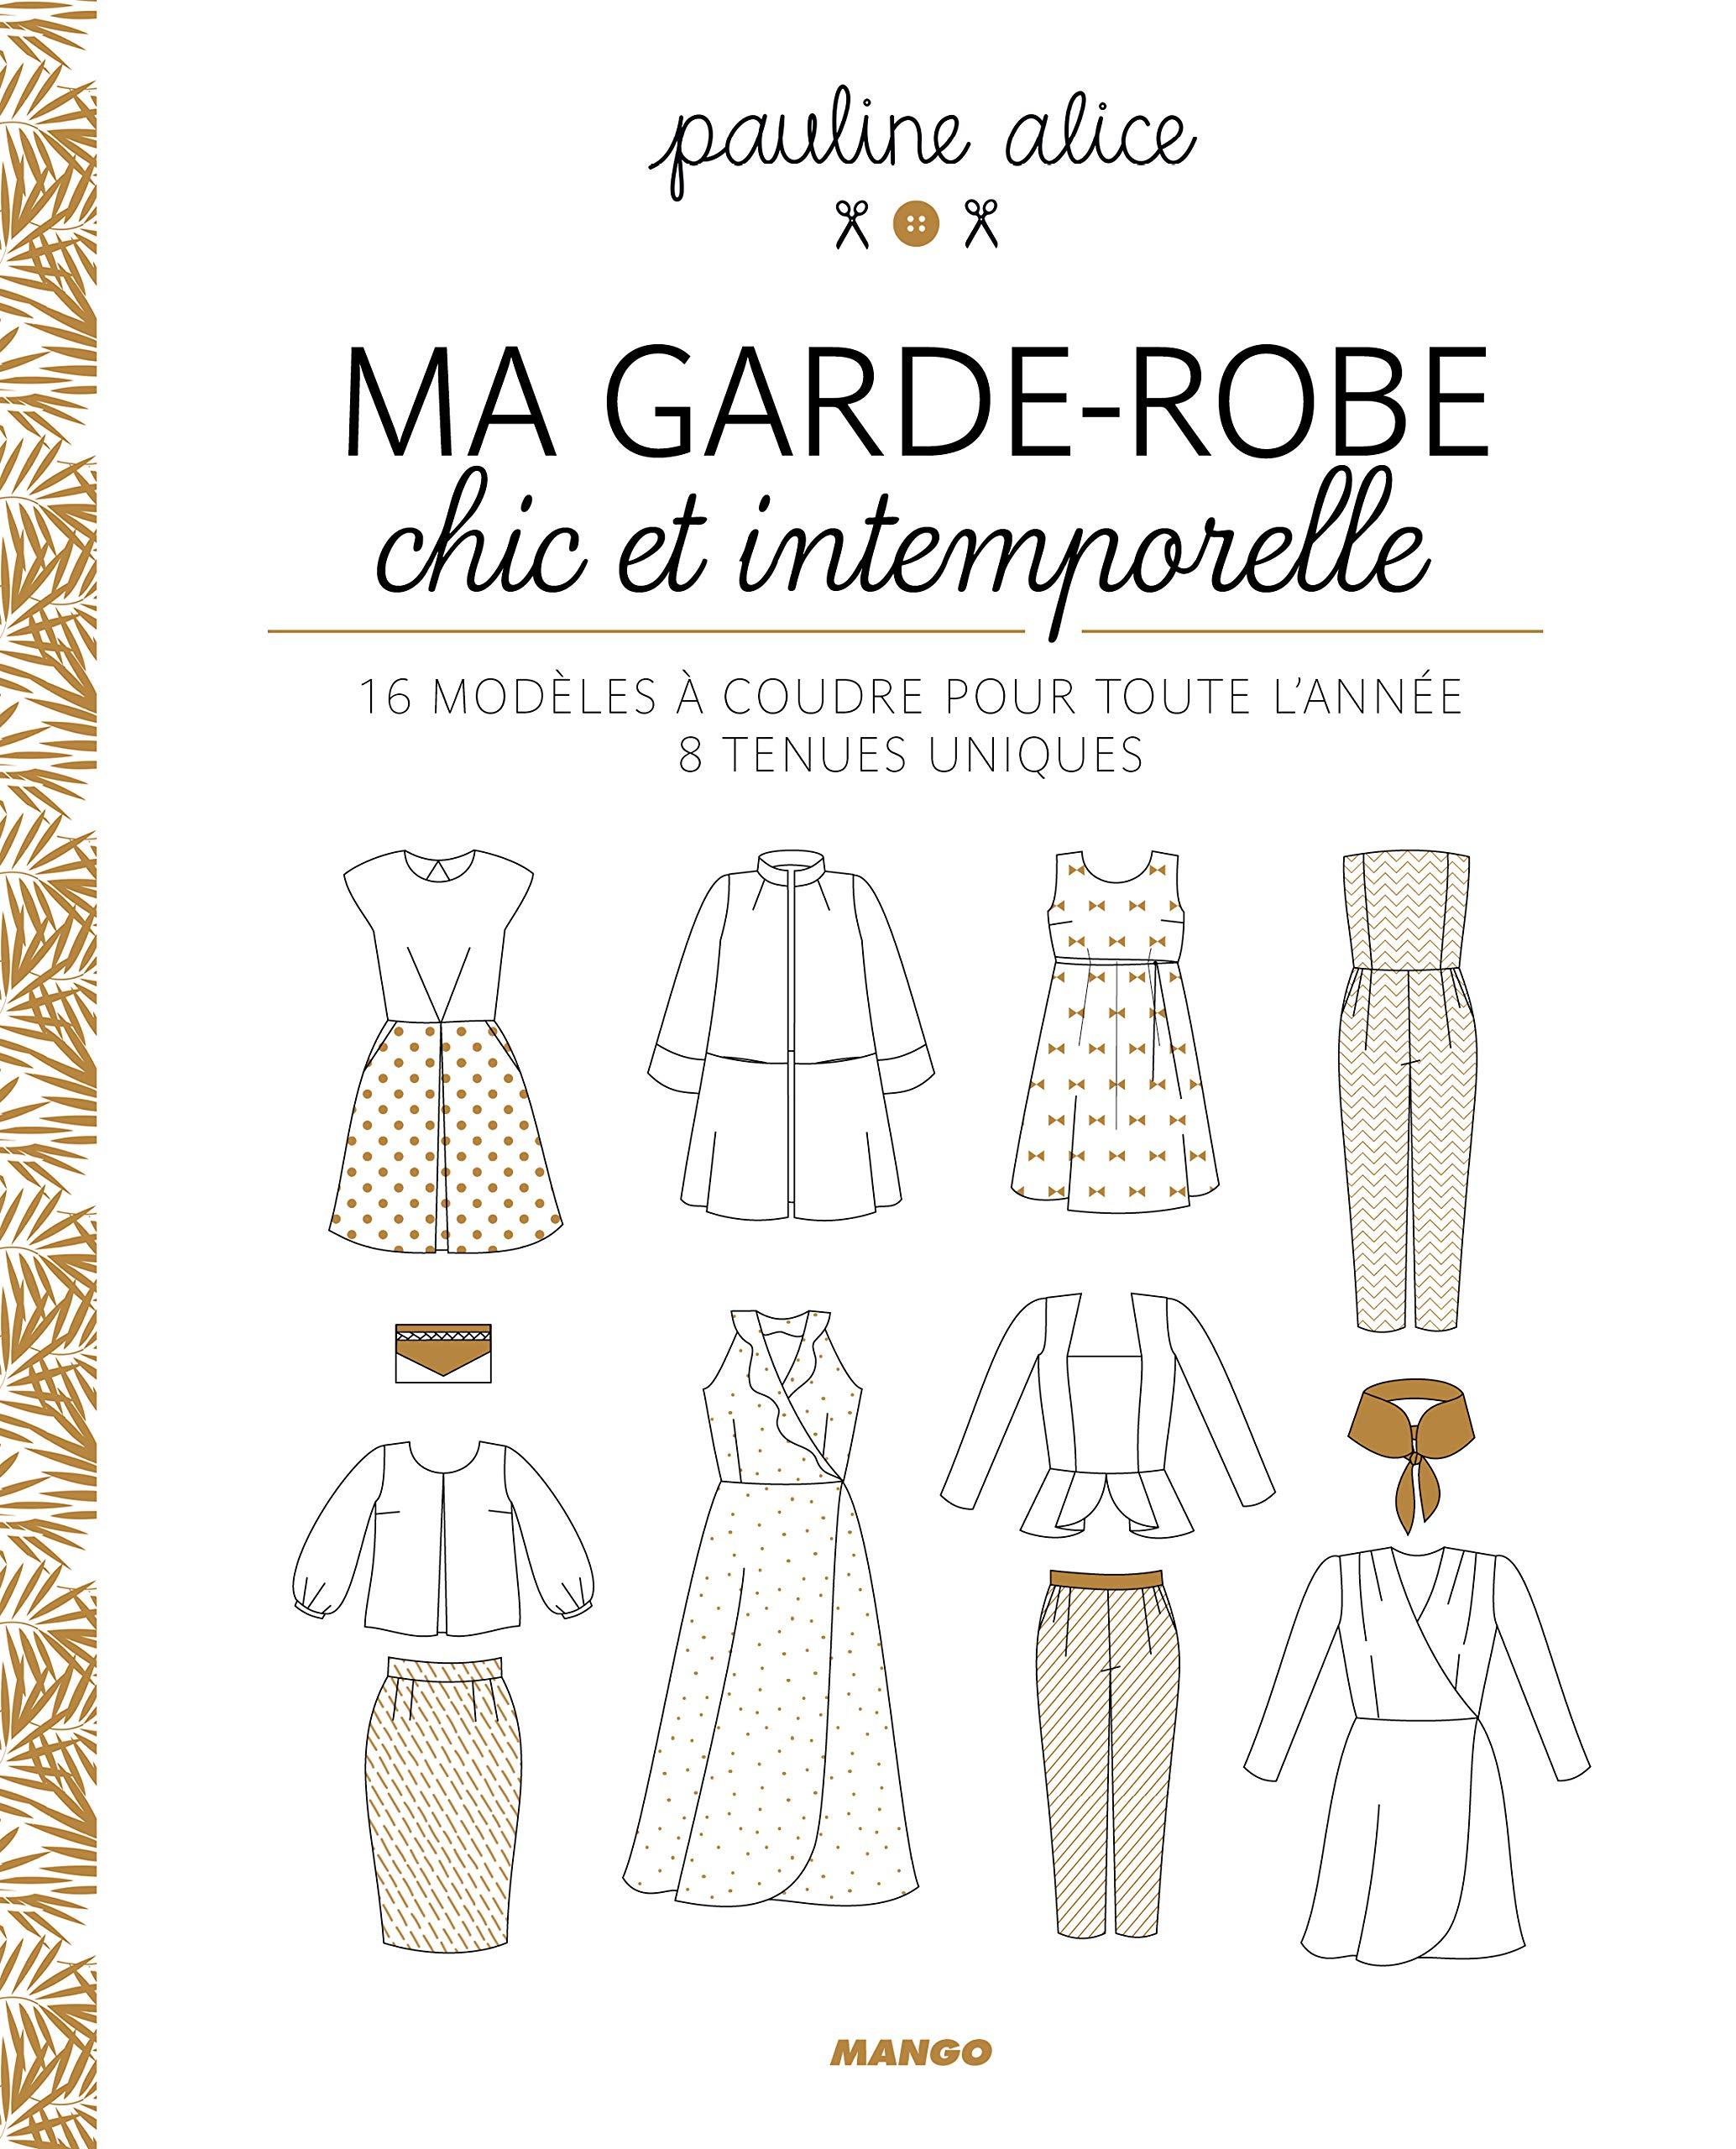 Robe Pauline Et Chic Ma Intemporelle Alice Marie Garde cqA345LRj